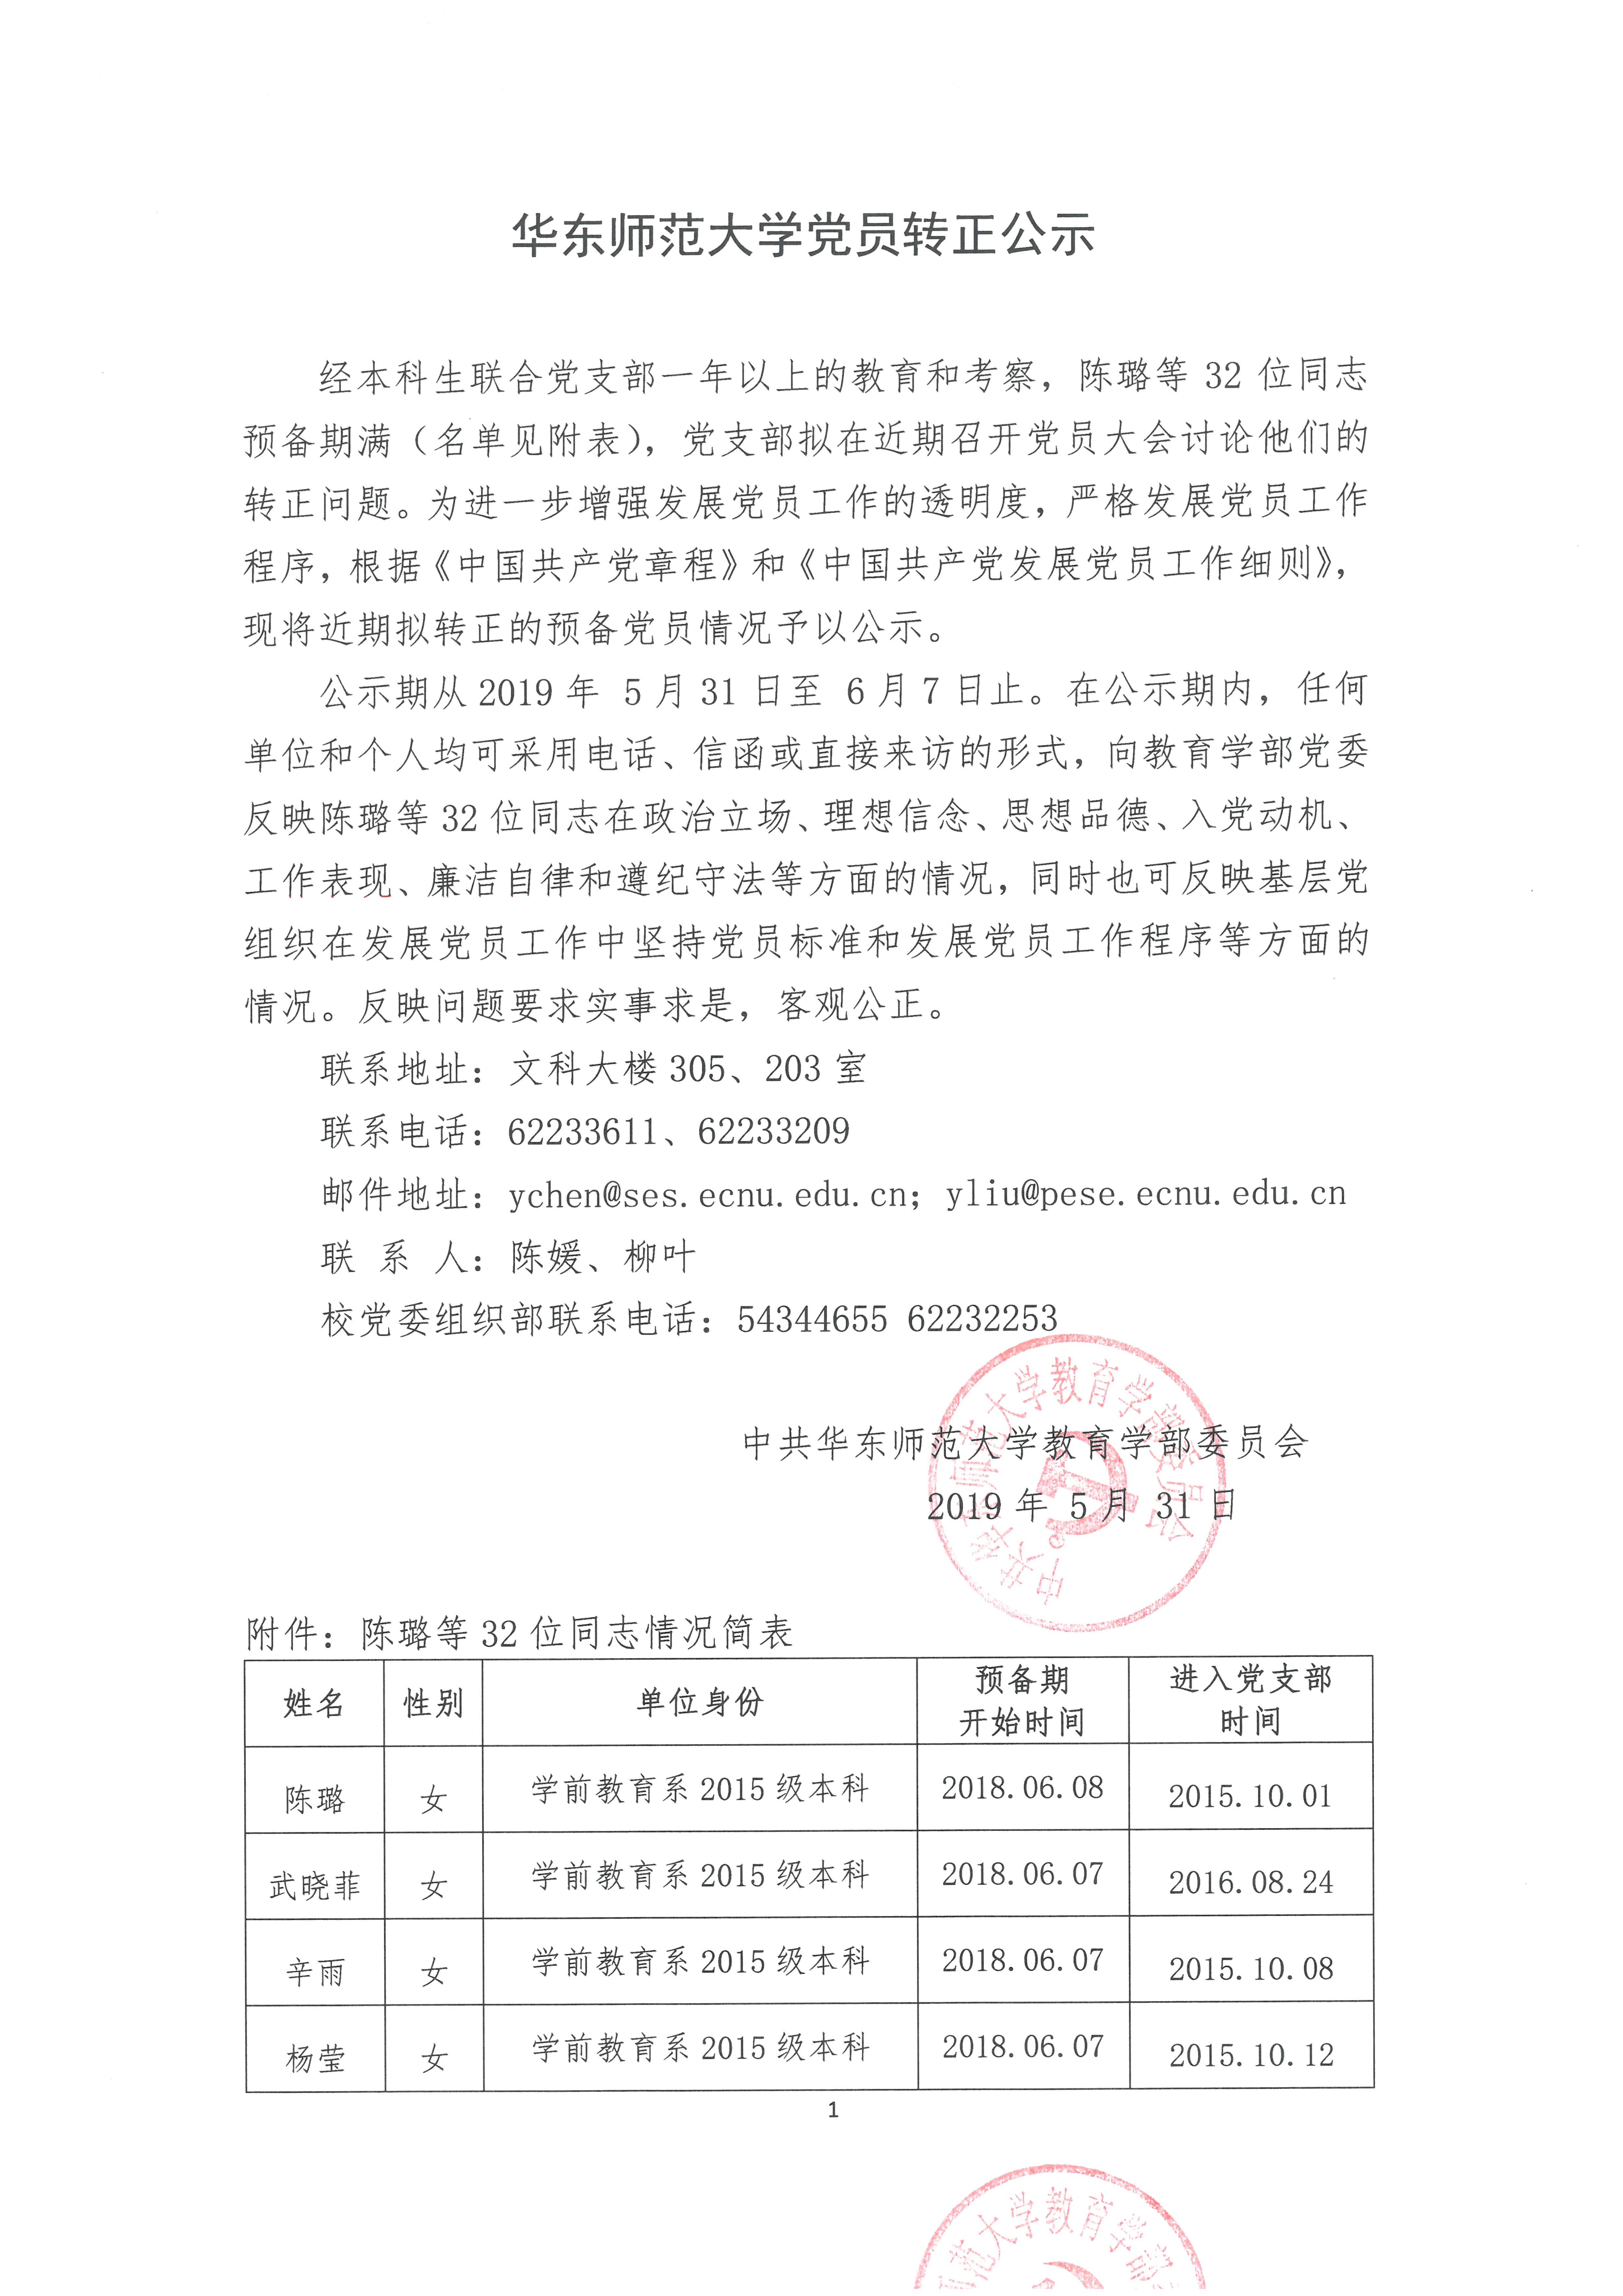 【公示】教育学部2019年5-6月学生党员转正公示